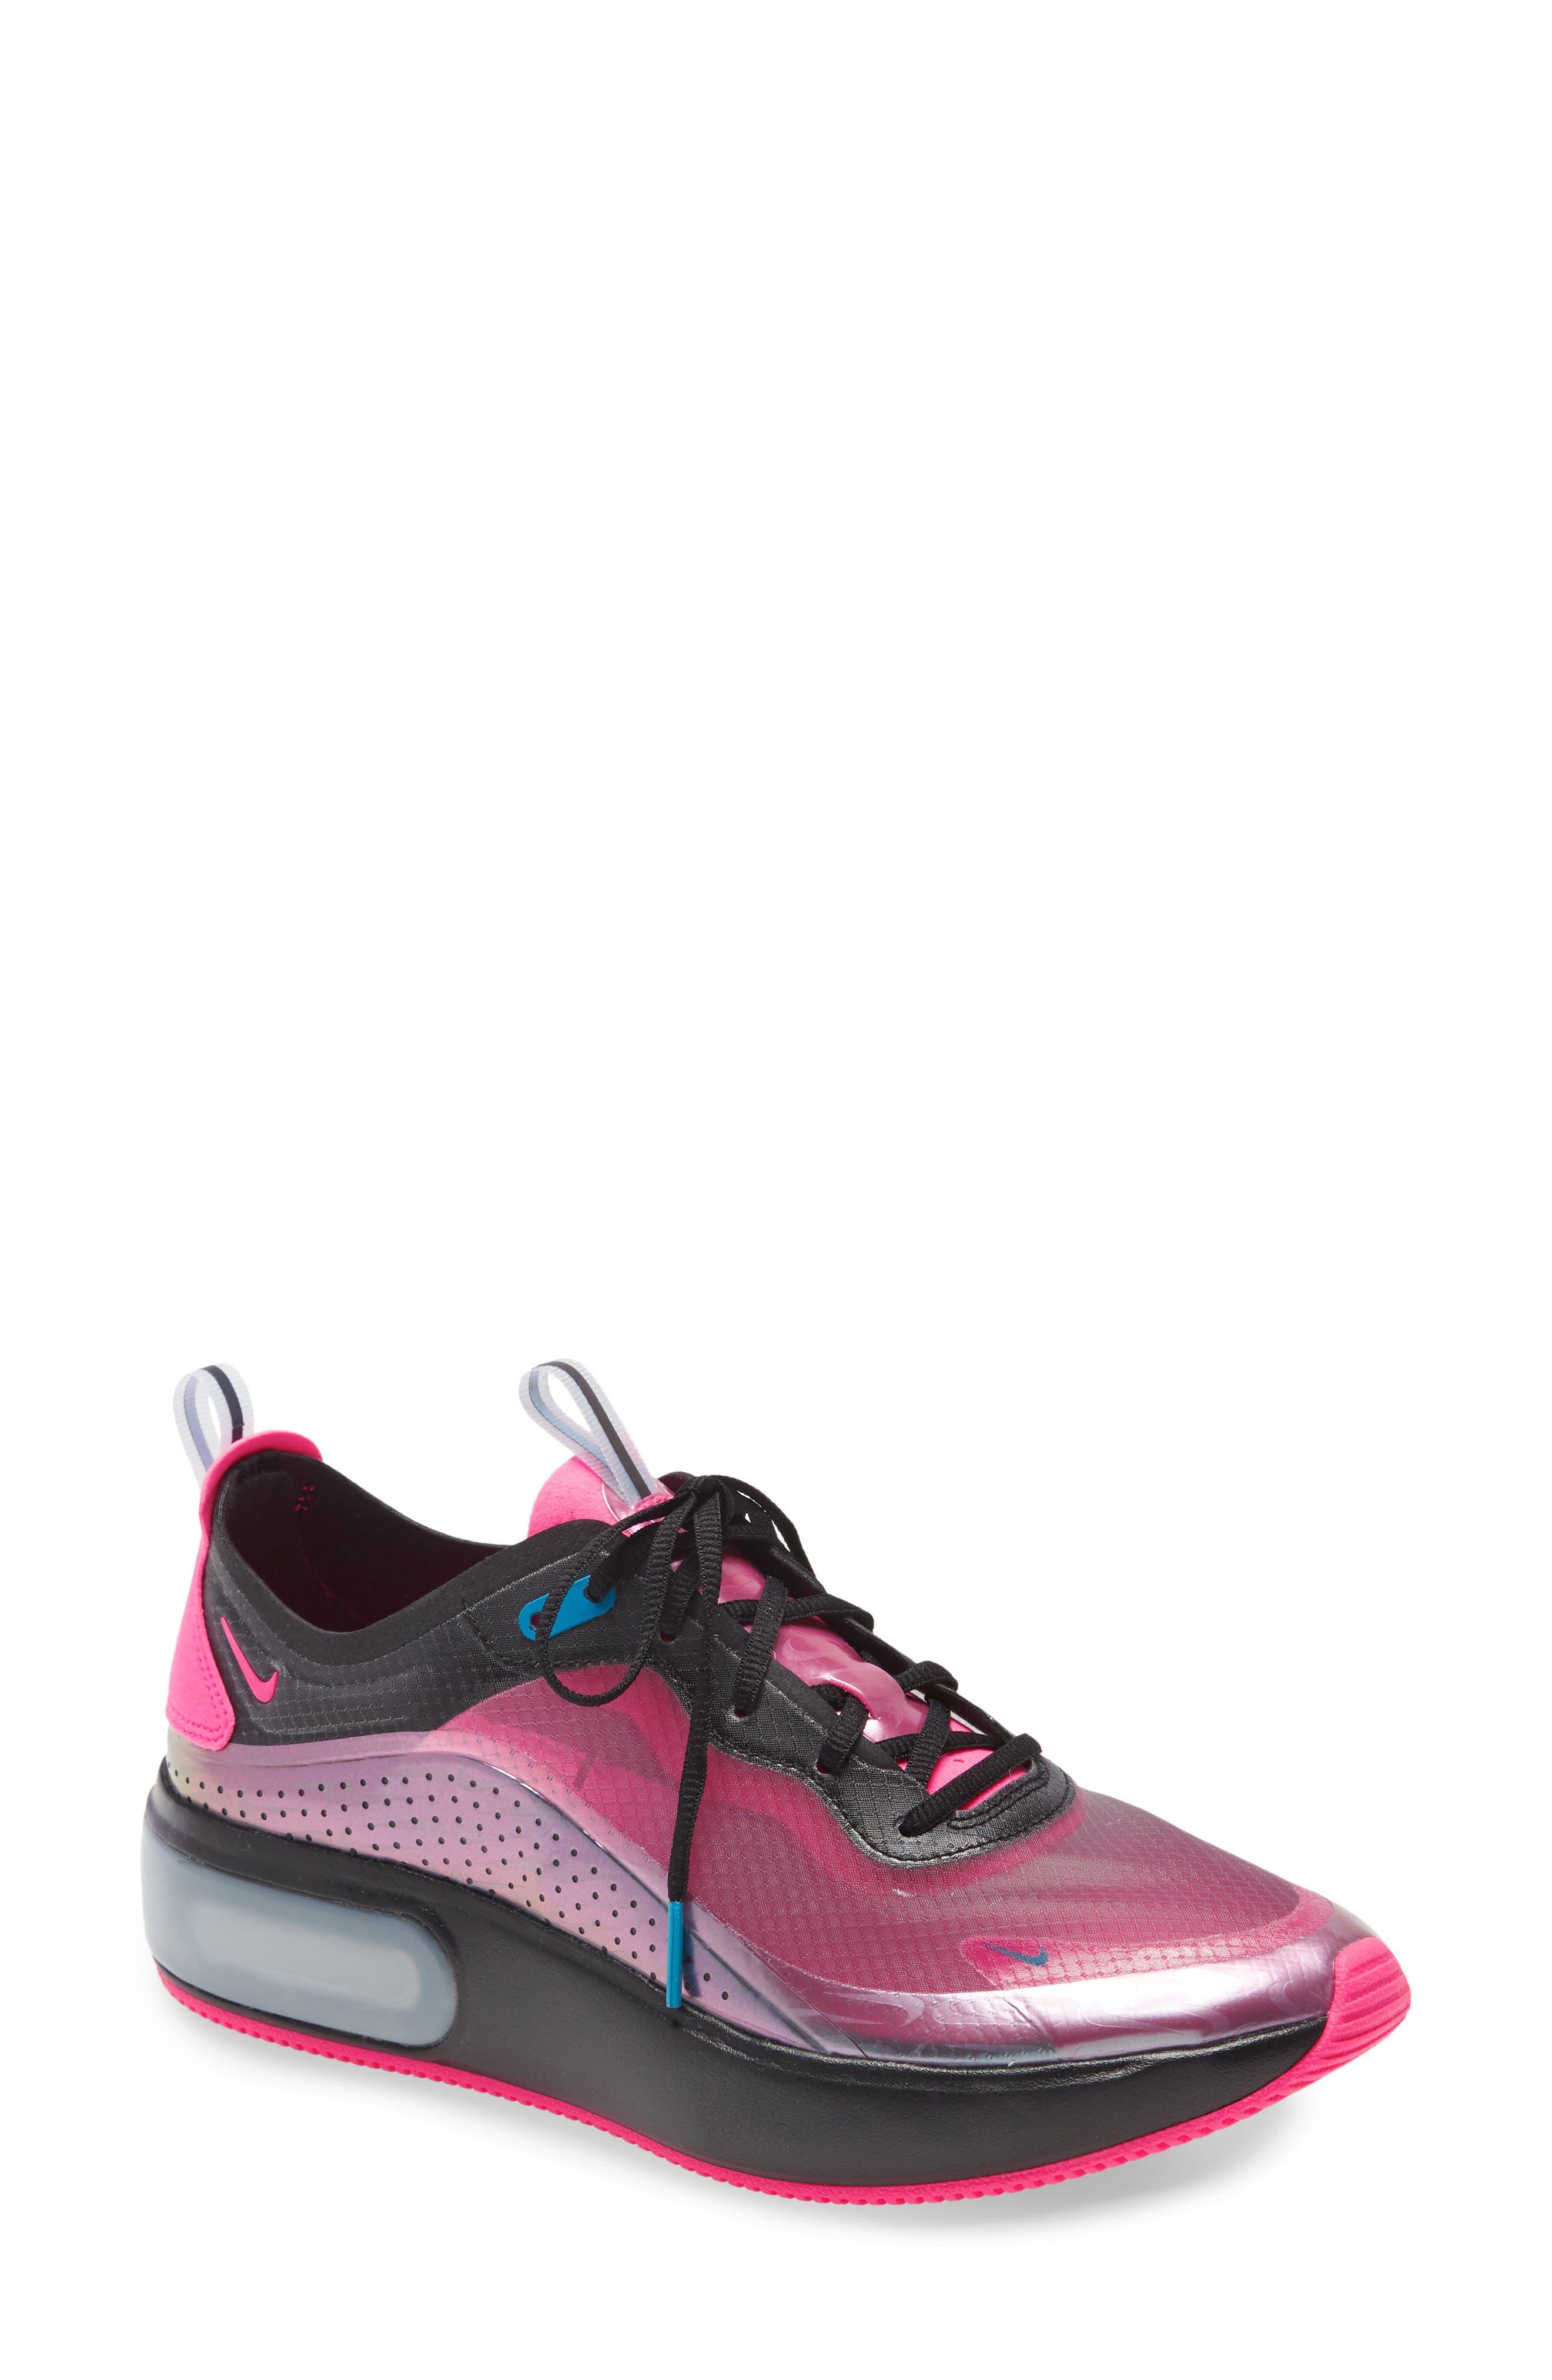 Nike Air Max Dia SE Sneaker (Women